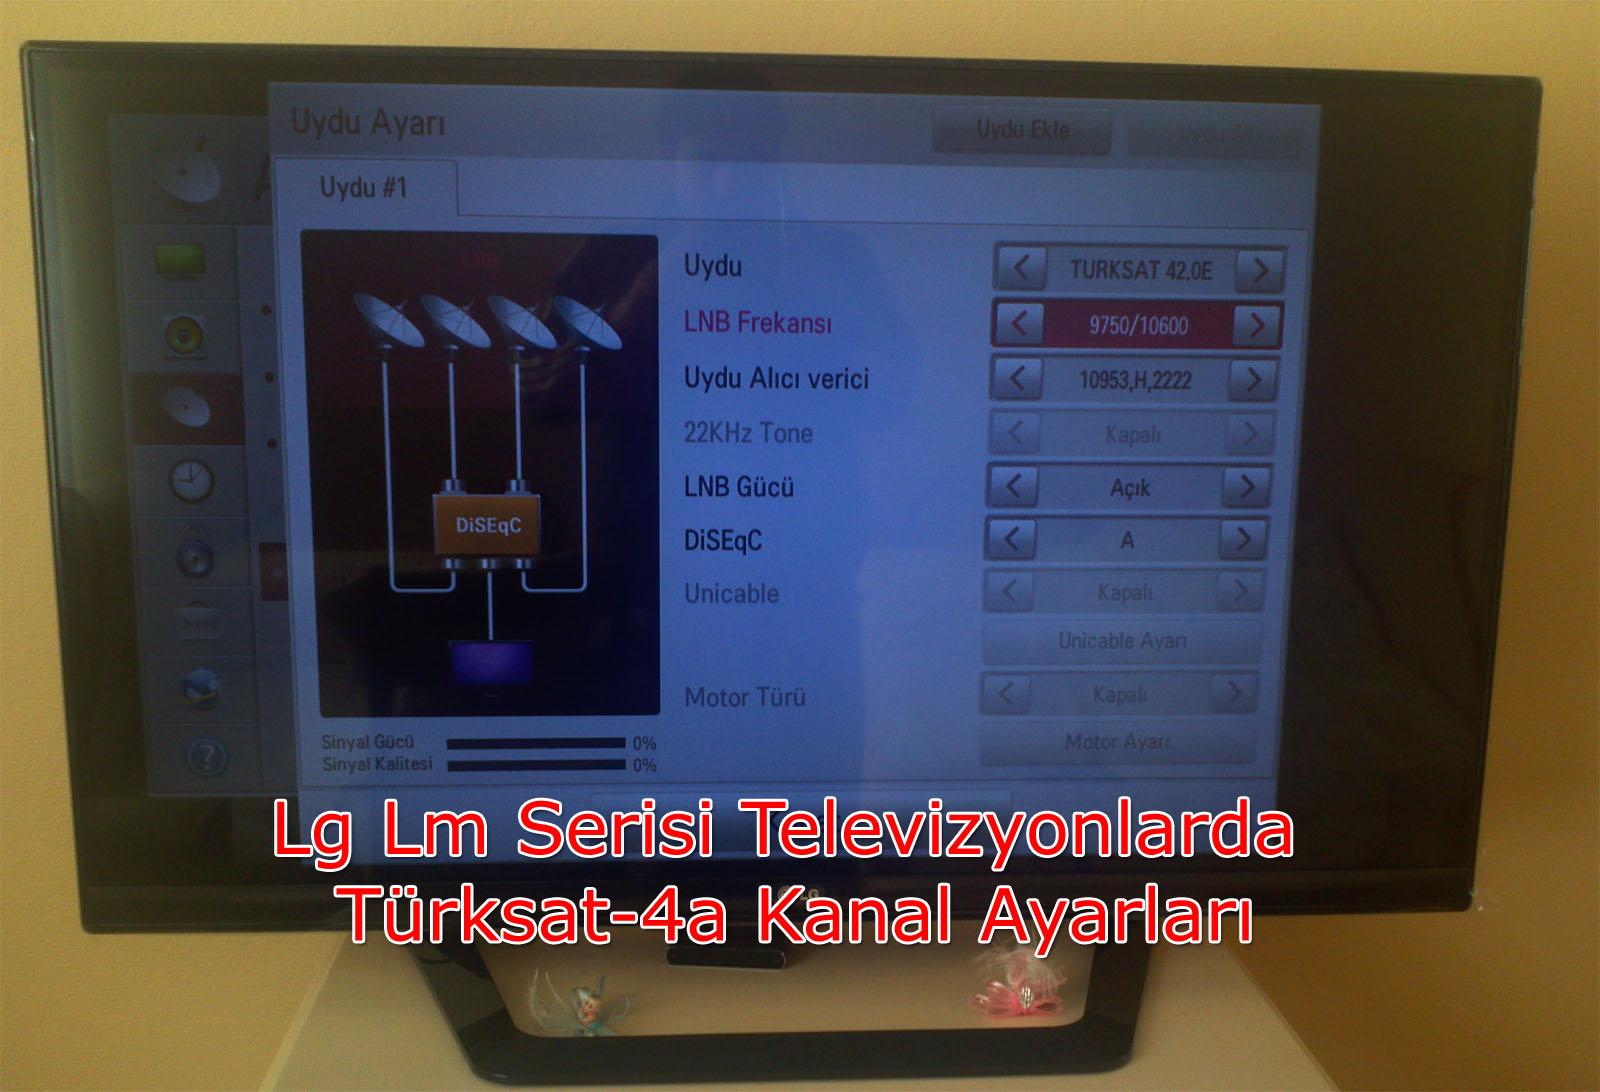 Lg Lm Serisi Televizyonlarda Türksat-4a Kanal Ayarları